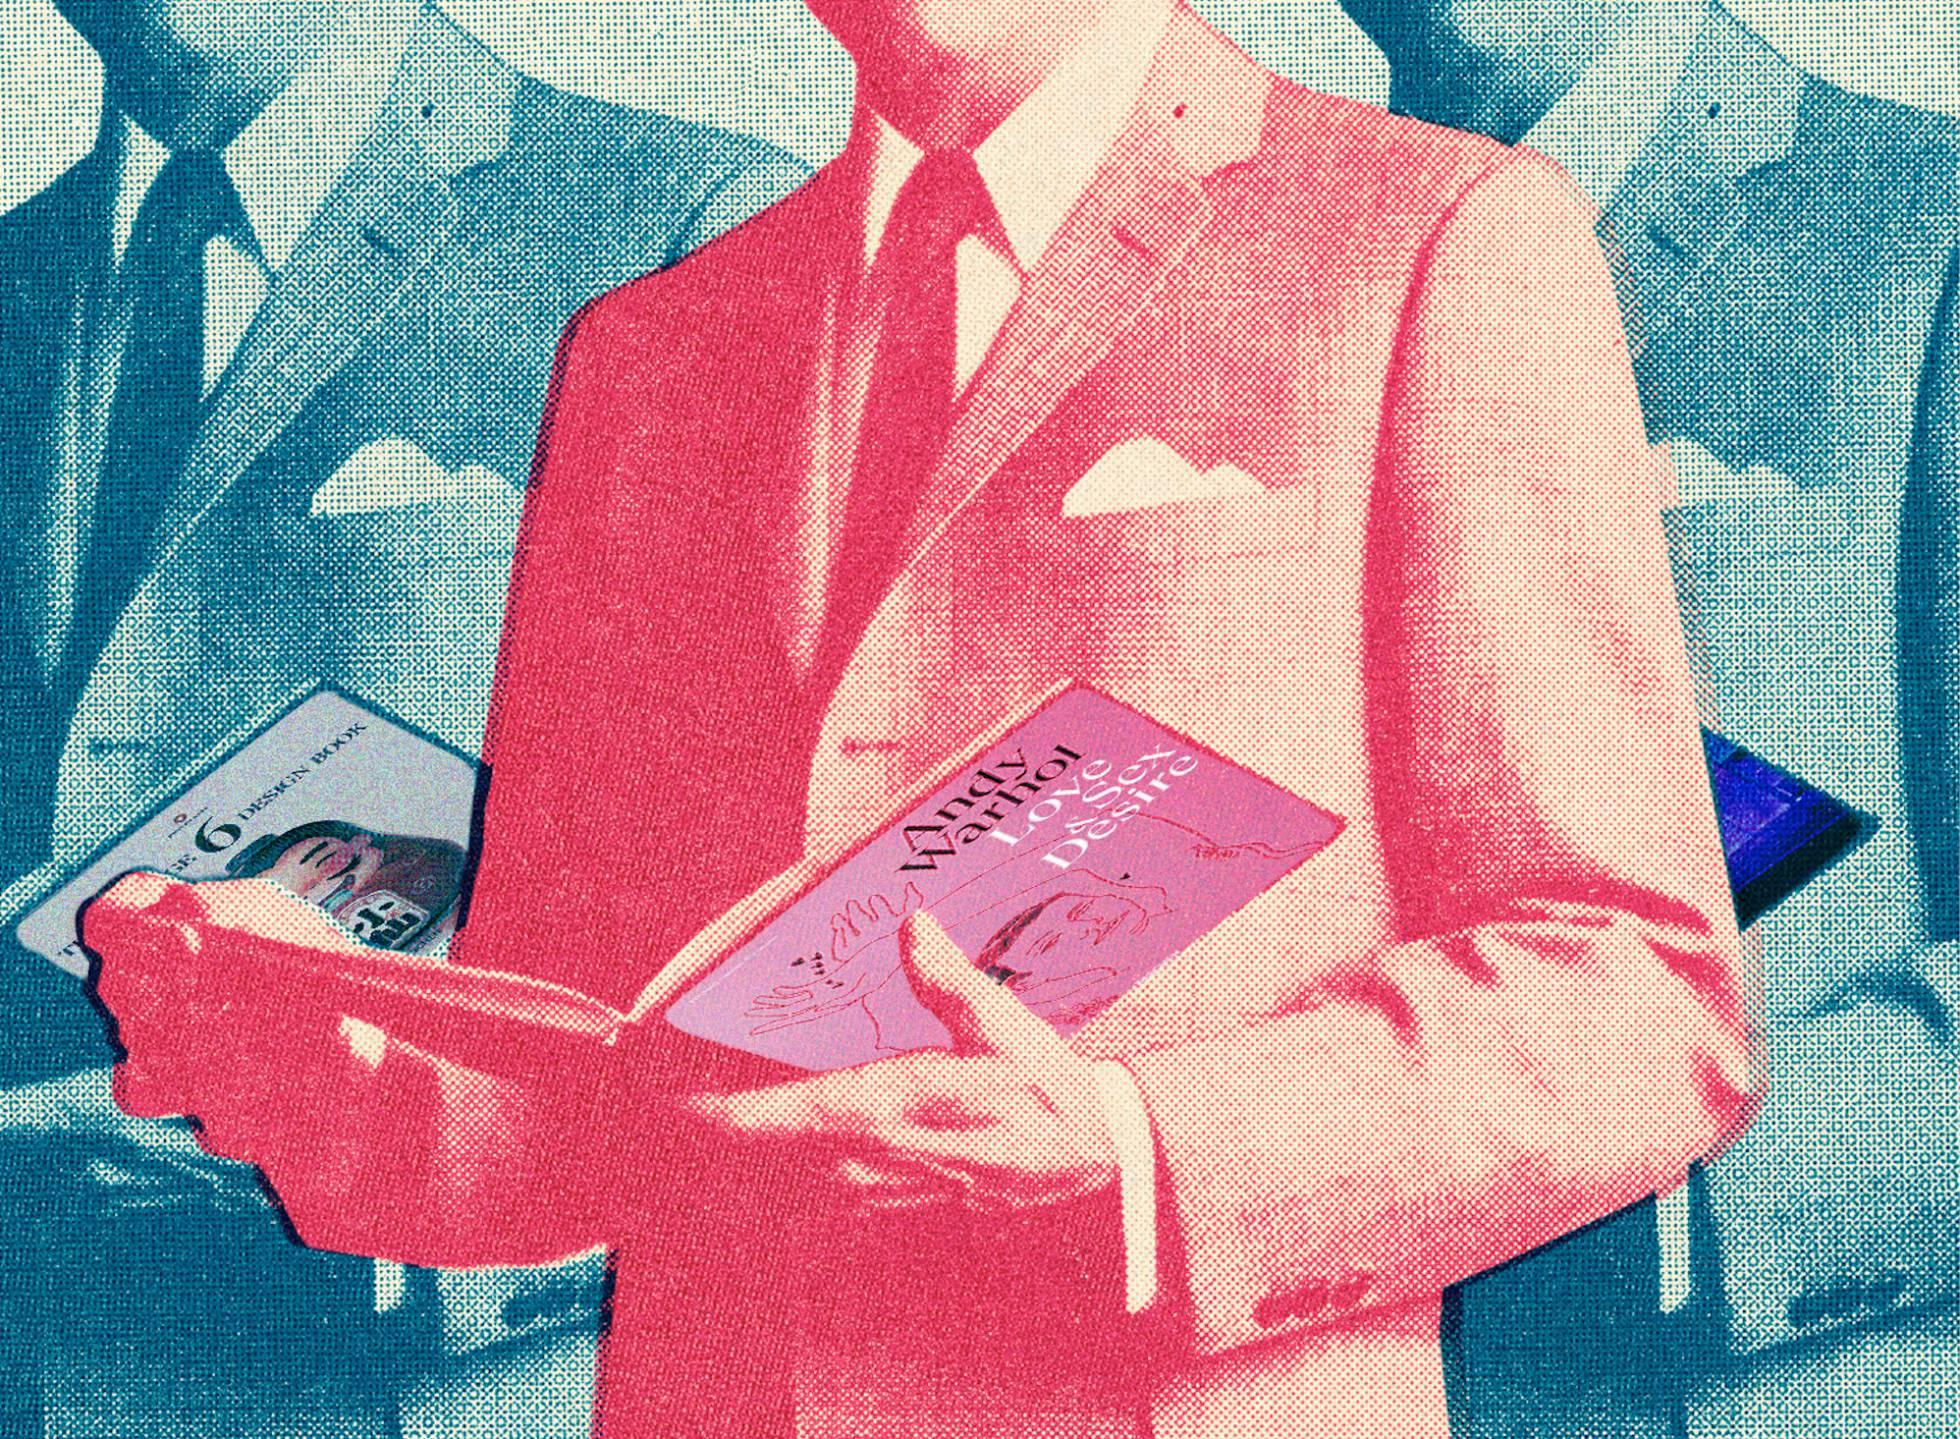 Fotos: Día del libro: diez libros sobre arte, arquitectura y diseño perfectos para darse un capricho